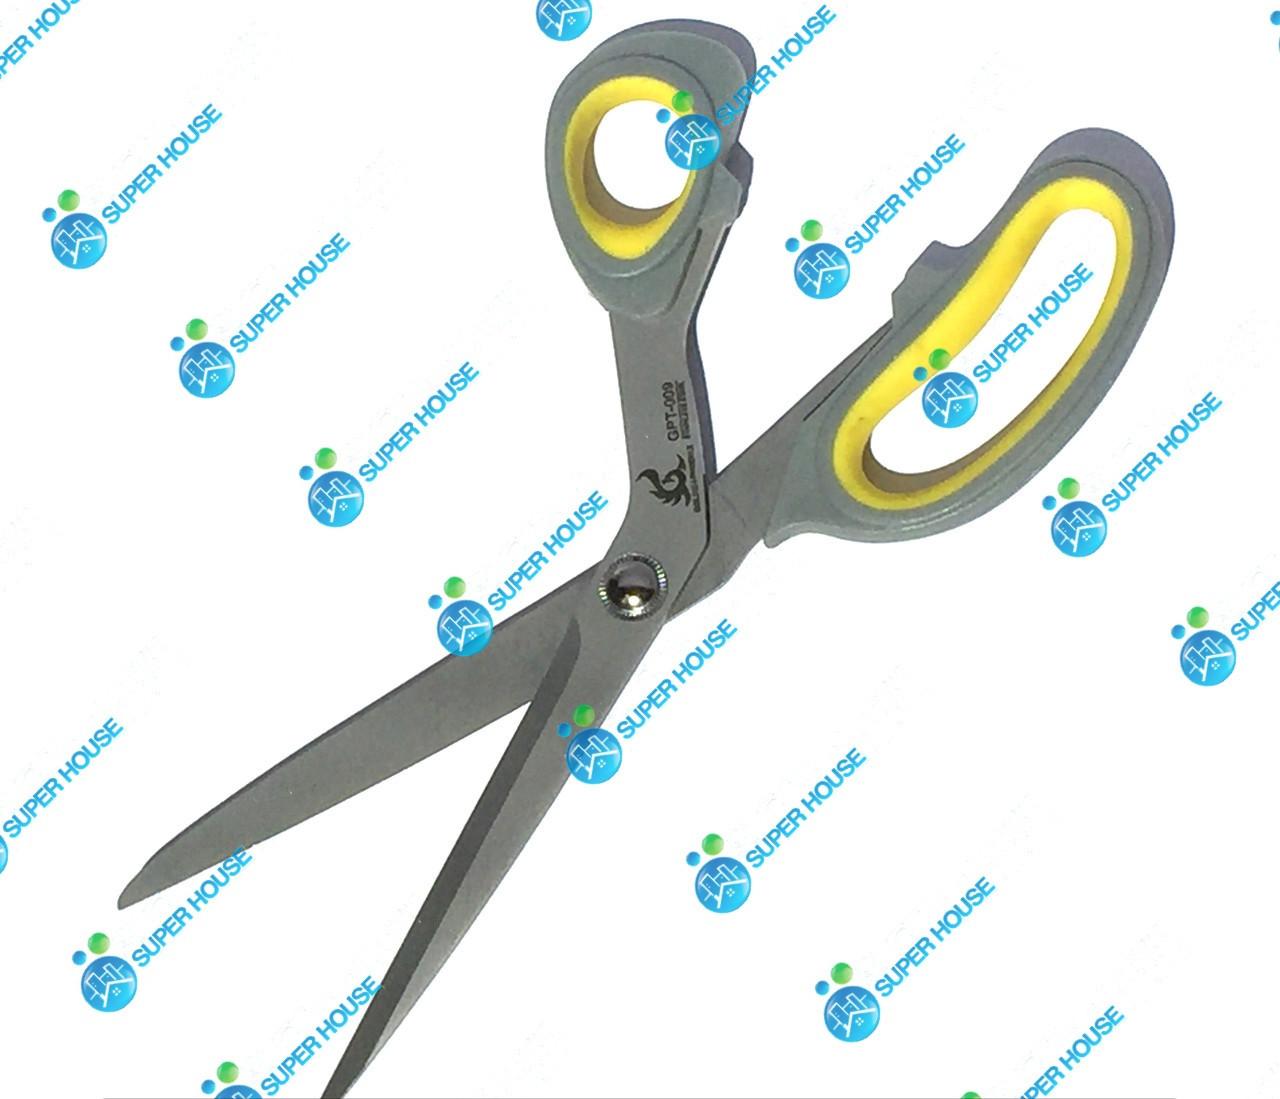 Ножницы Golden Phoenix универсальные 250мм Серый+Жёлтый пластик